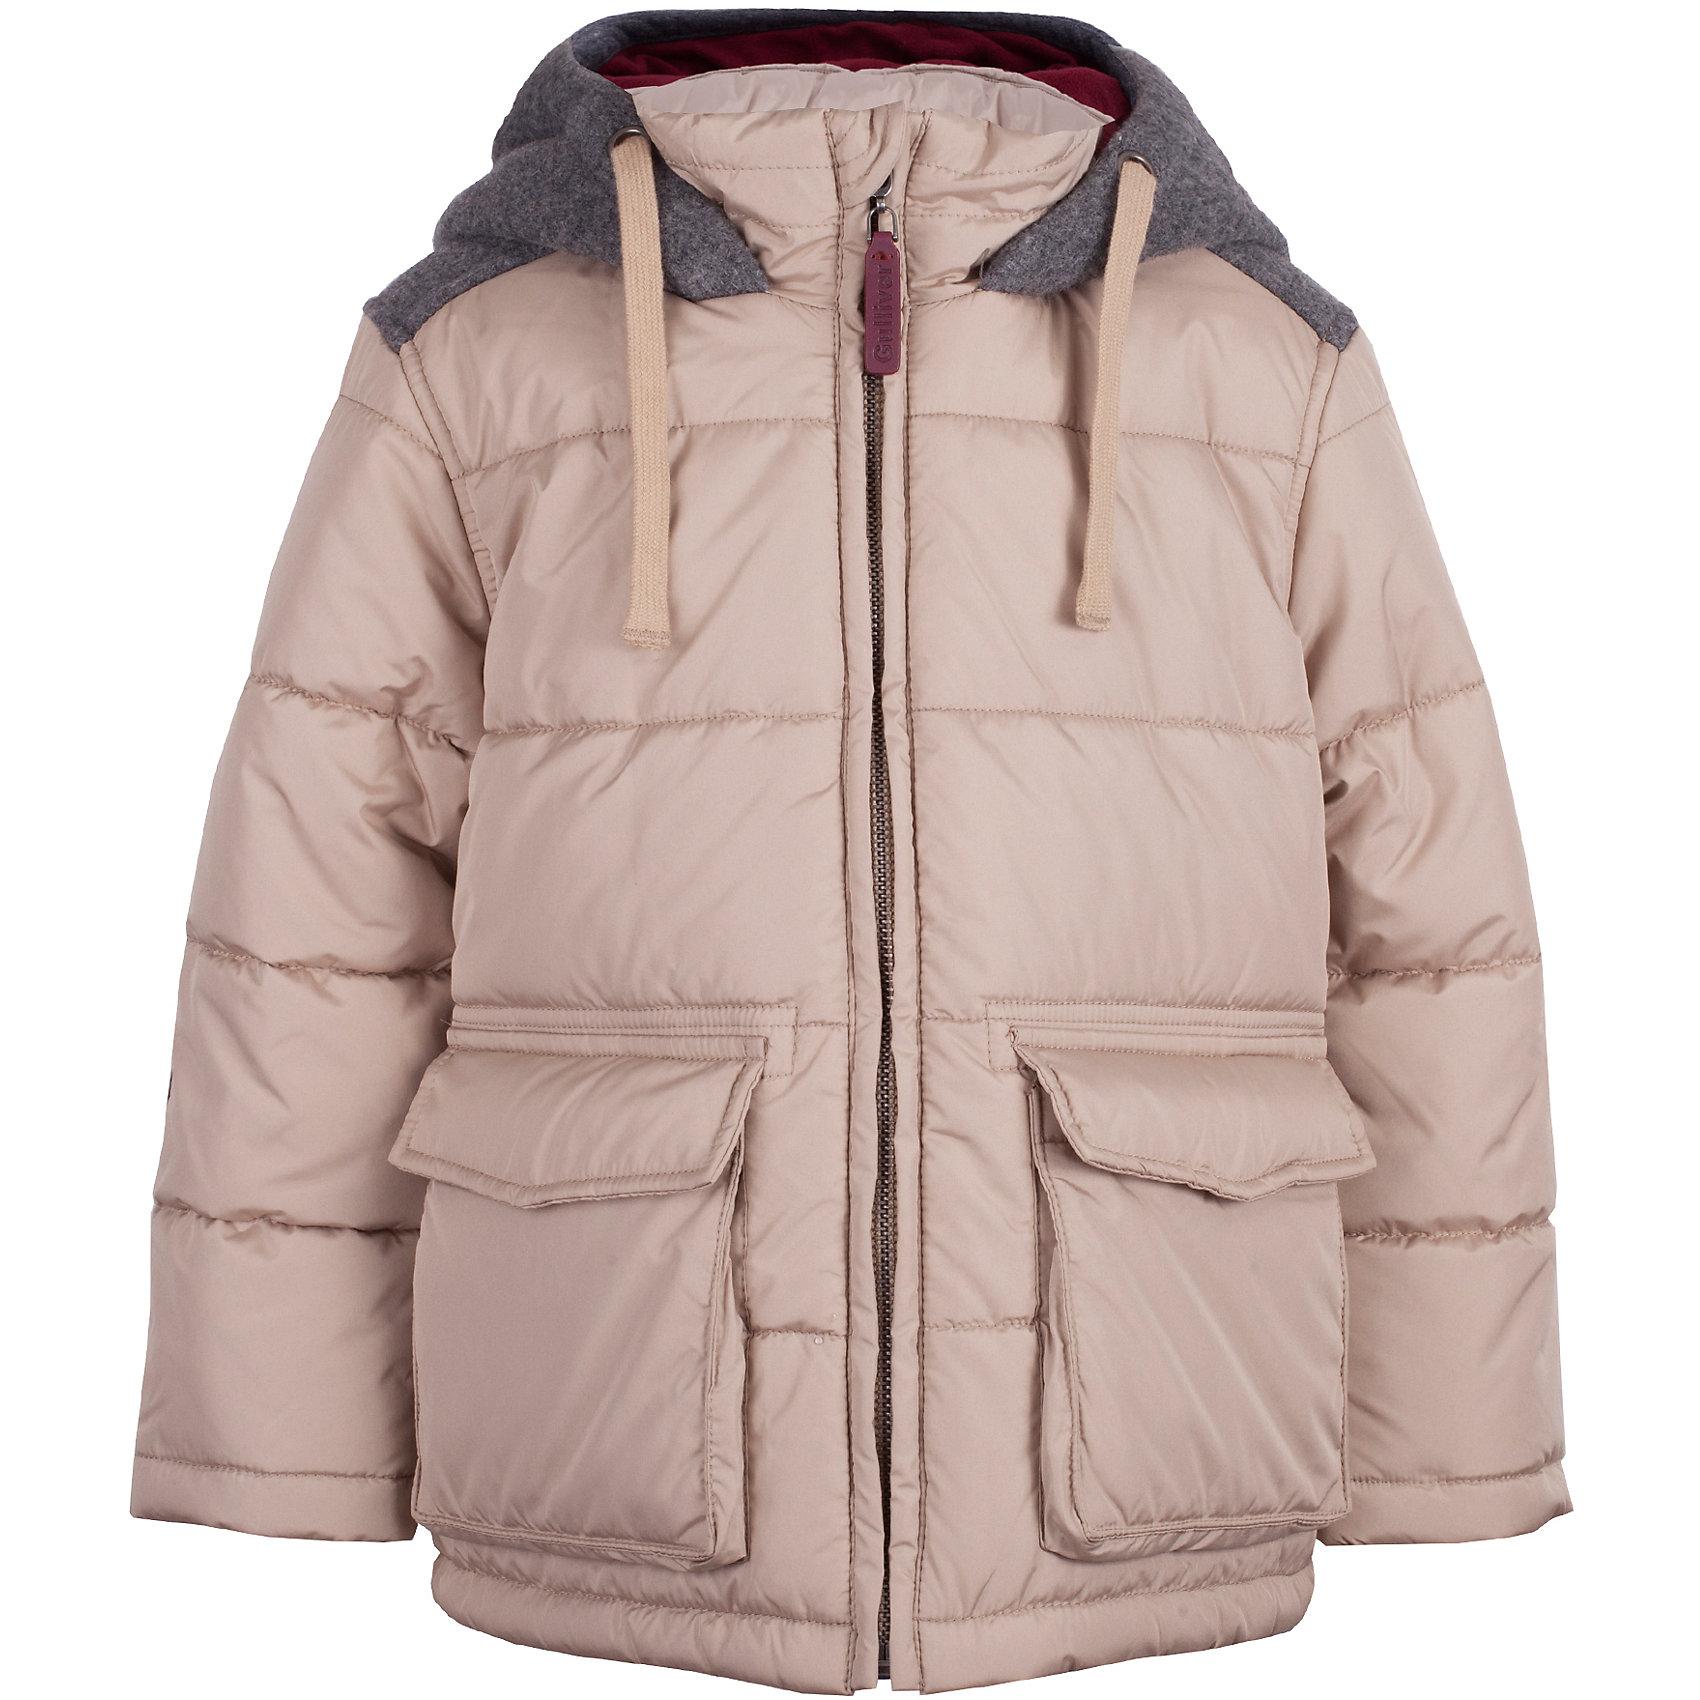 Куртка Gulliver для мальчикаВерхняя одежда<br>Куртка Gulliver для мальчика<br>Какими должны быть куртки для мальчиков? Модными или практичными, красивыми или функциональными? Отправляясь на осенний шопинг, мамы мальчиков должны ответить на эти непростые вопросы. Куртка из коллекции Воздушная регата упрощает задачу, потому что сочетает в себе все лучшие характеристики детских курток для мальчиков. Модная форма, комфортная длина, комбинация фактур, множество интересных функциональных и декоративных деталей делают куртку яркой и привлекательной. Эта куртка с контрастной отделкой подарит своему обладателю прекрасный внешний вид, удобство и индивидуальность. Если вы решили купить модную детскую куртку, эта модель - достойный выбор!<br>Состав:<br>верх:  100% полиэстер; подкладка: 100% полиэстер; утеплитель: 100% полиэстер<br><br>Ширина мм: 356<br>Глубина мм: 10<br>Высота мм: 245<br>Вес г: 519<br>Цвет: бежевый<br>Возраст от месяцев: 24<br>Возраст до месяцев: 36<br>Пол: Мужской<br>Возраст: Детский<br>Размер: 98,116,104,110<br>SKU: 7078613